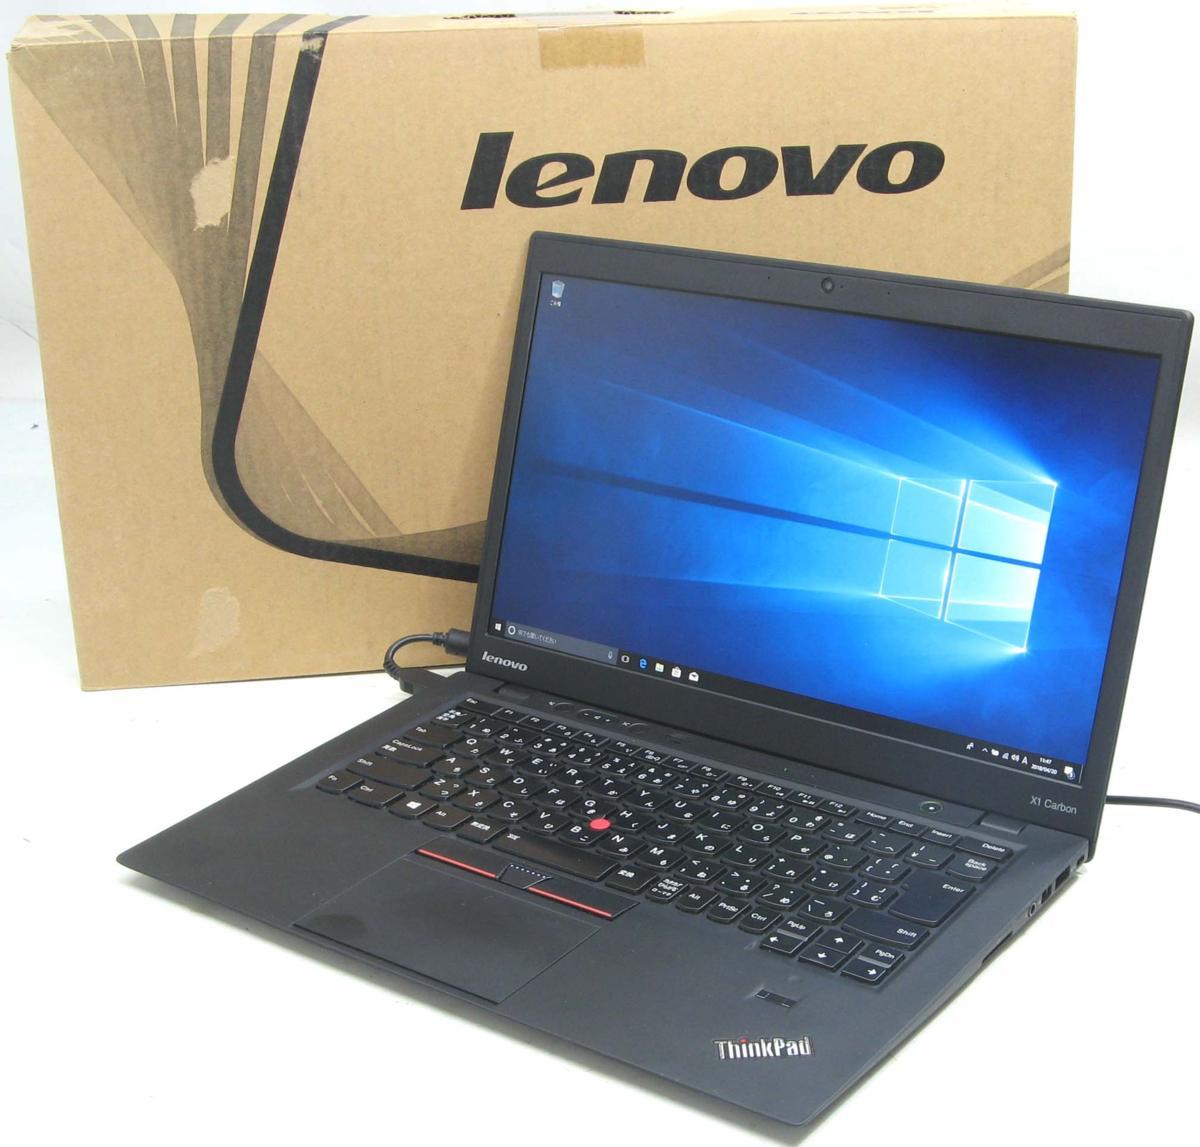 中古ノートパソコン Lenovo 【SSD搭載】 ThinkPad X1 3448H5 Corei5【中古パソコン】【中古】